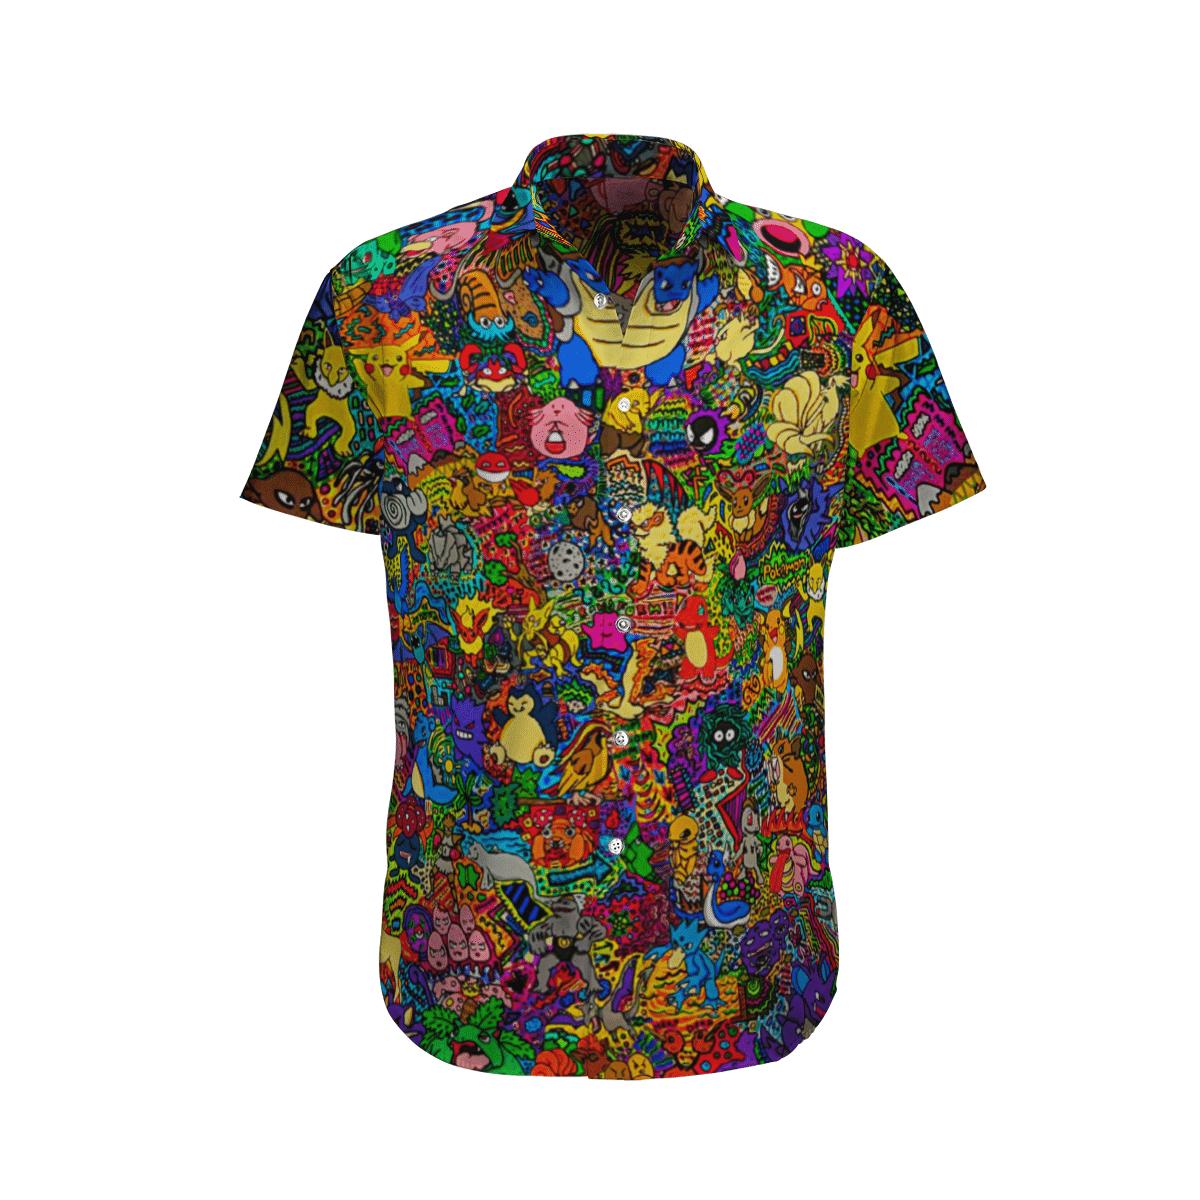 Happy Pokemon Hawaiian Shirt And Shorts